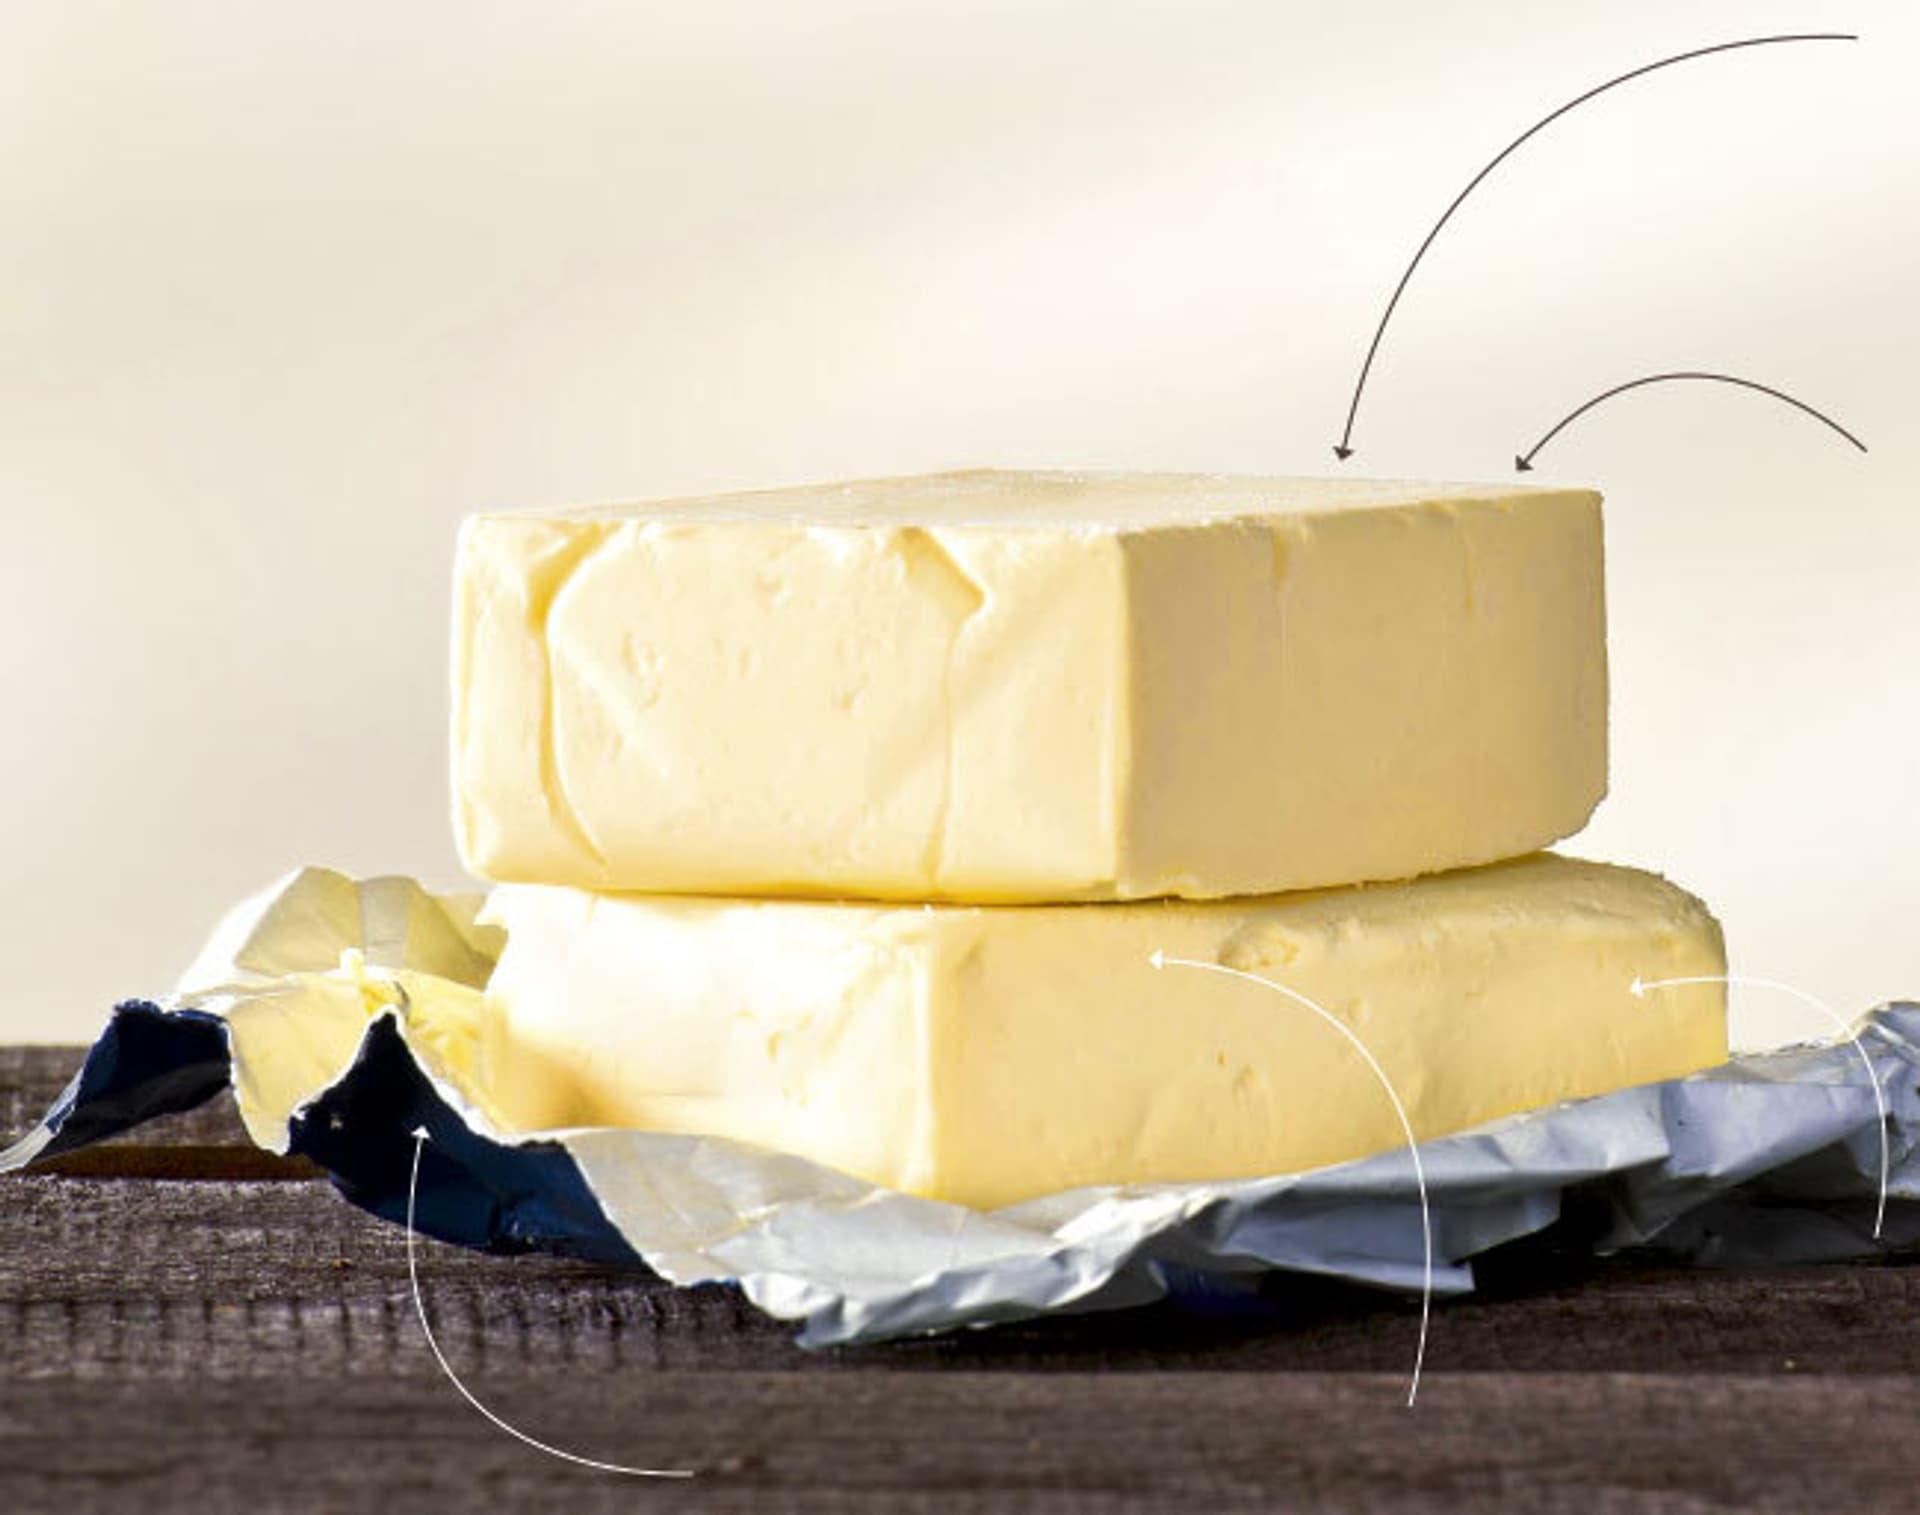 Zwei Butter-Blöcke